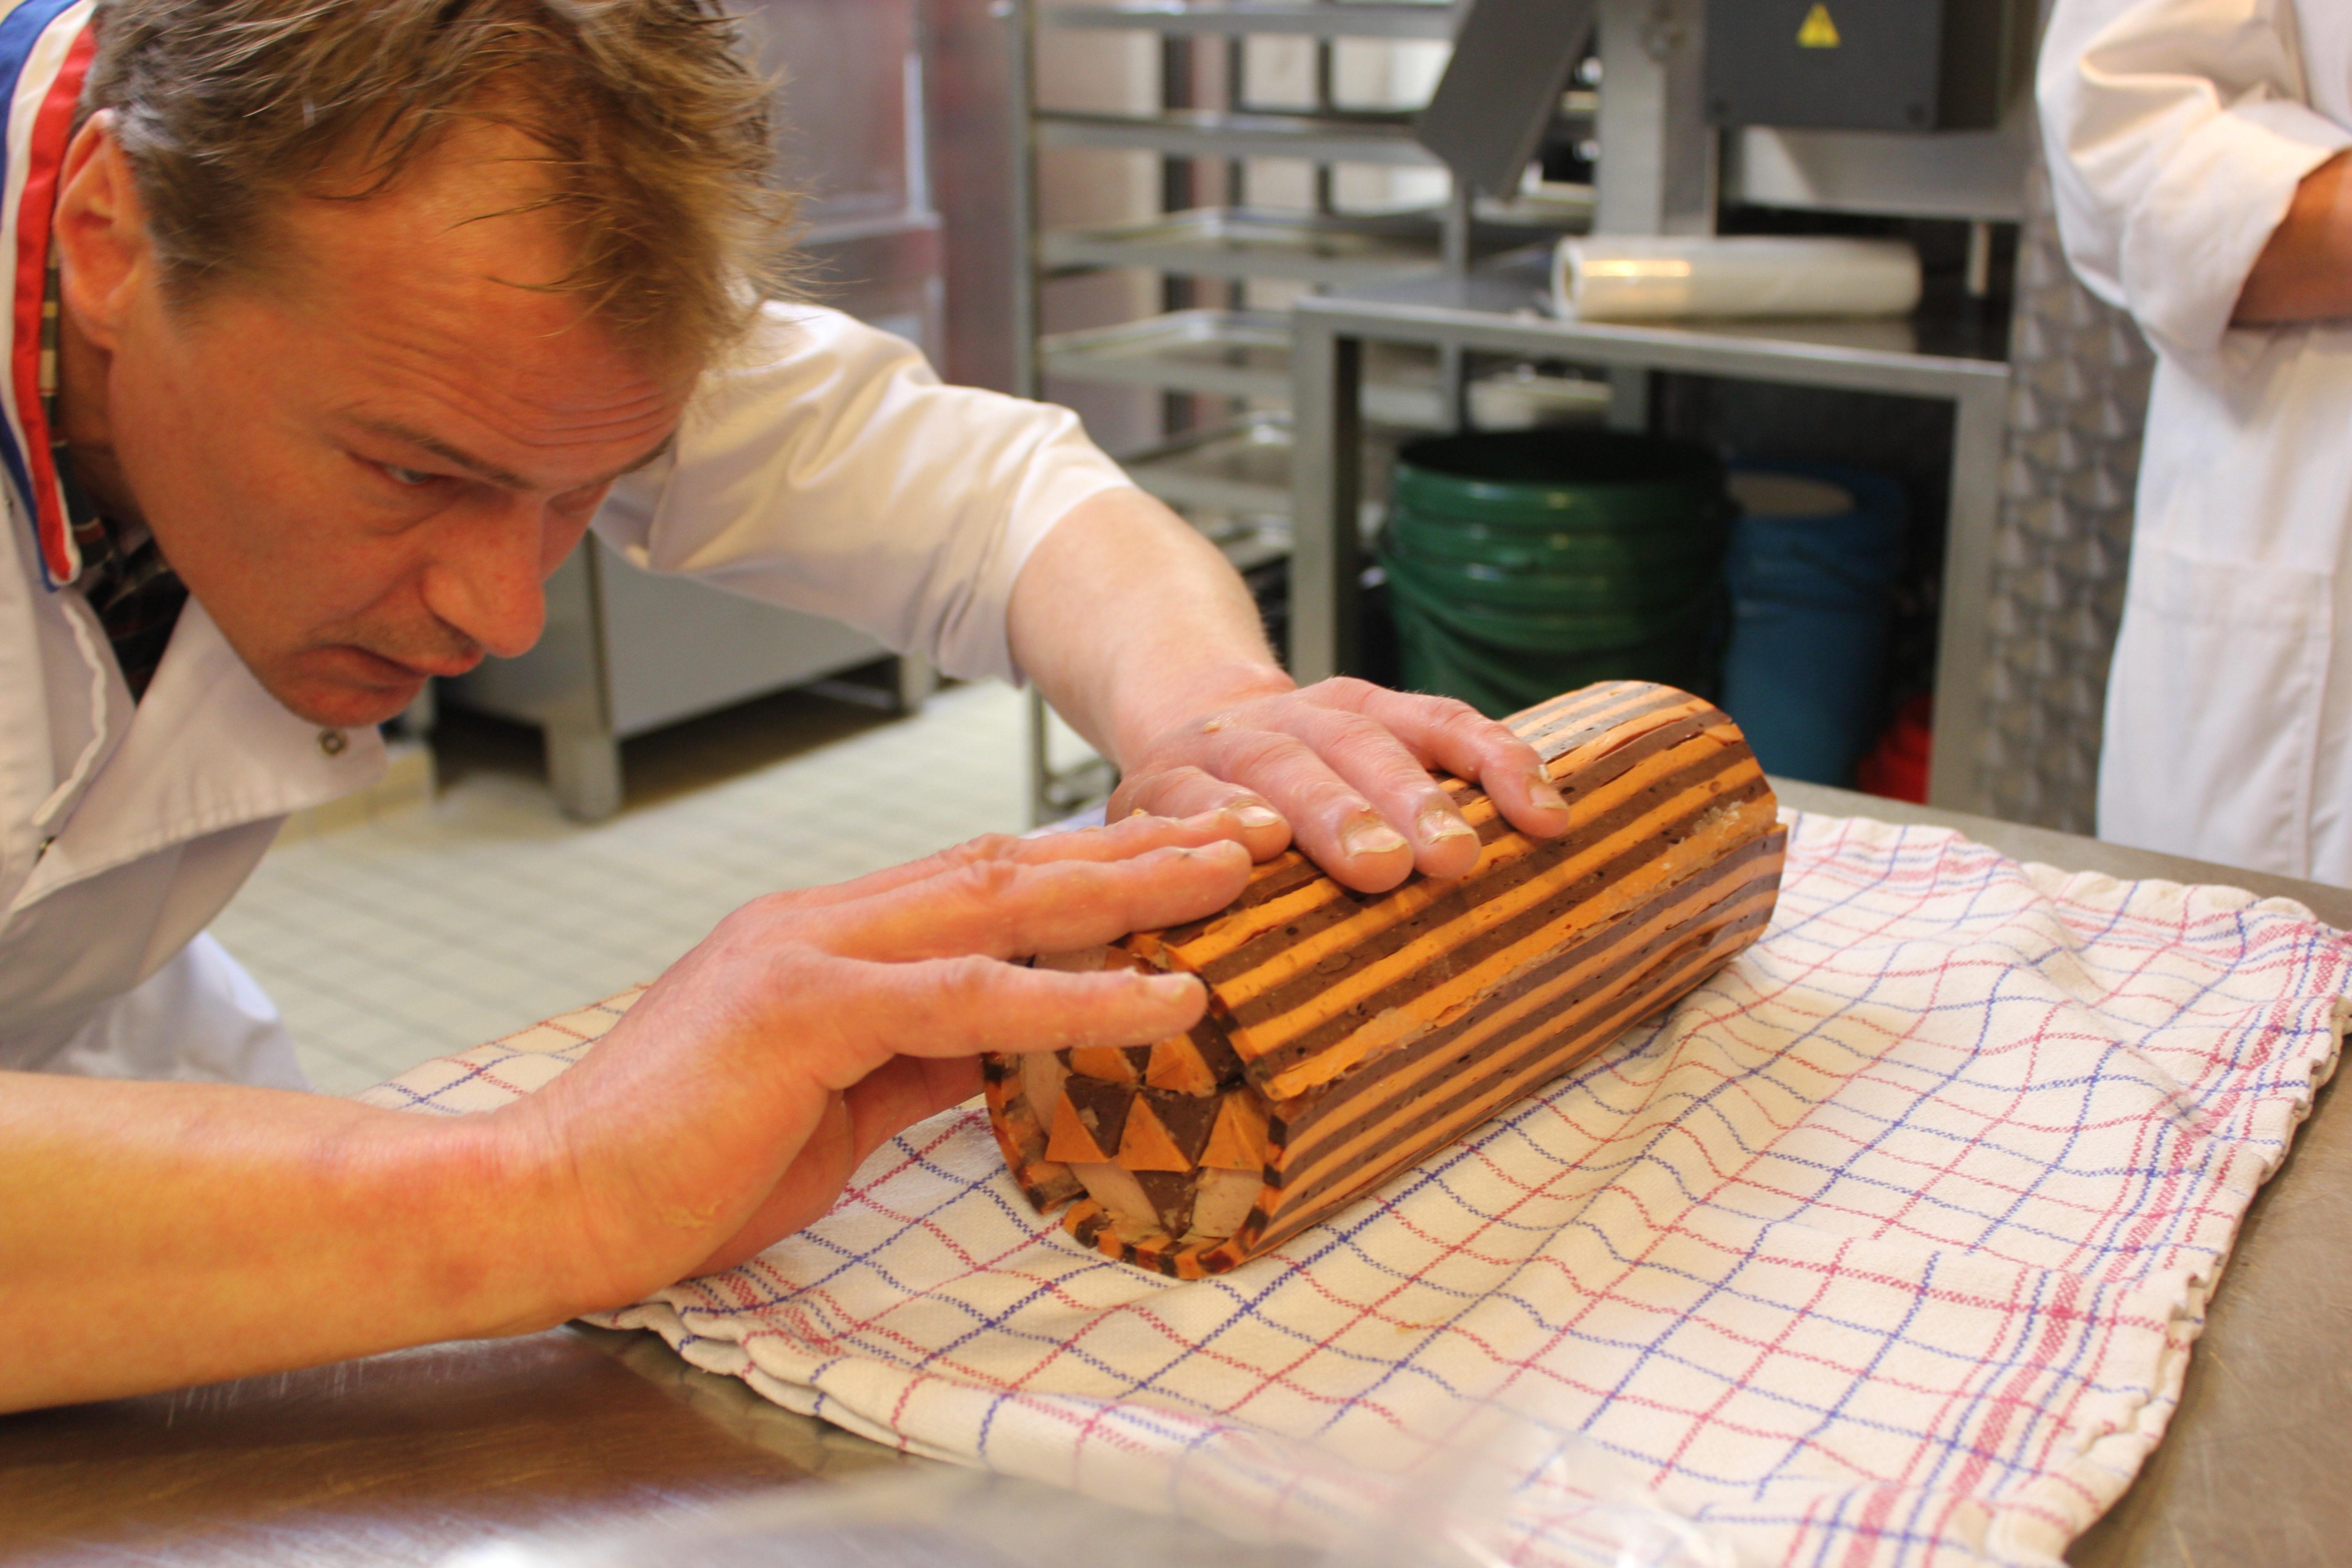 master butcher johan van uden &quot;width =&quot; 5184 &quot;height =&quot; 3456 &quot;/&gt; </figure> <figure class=